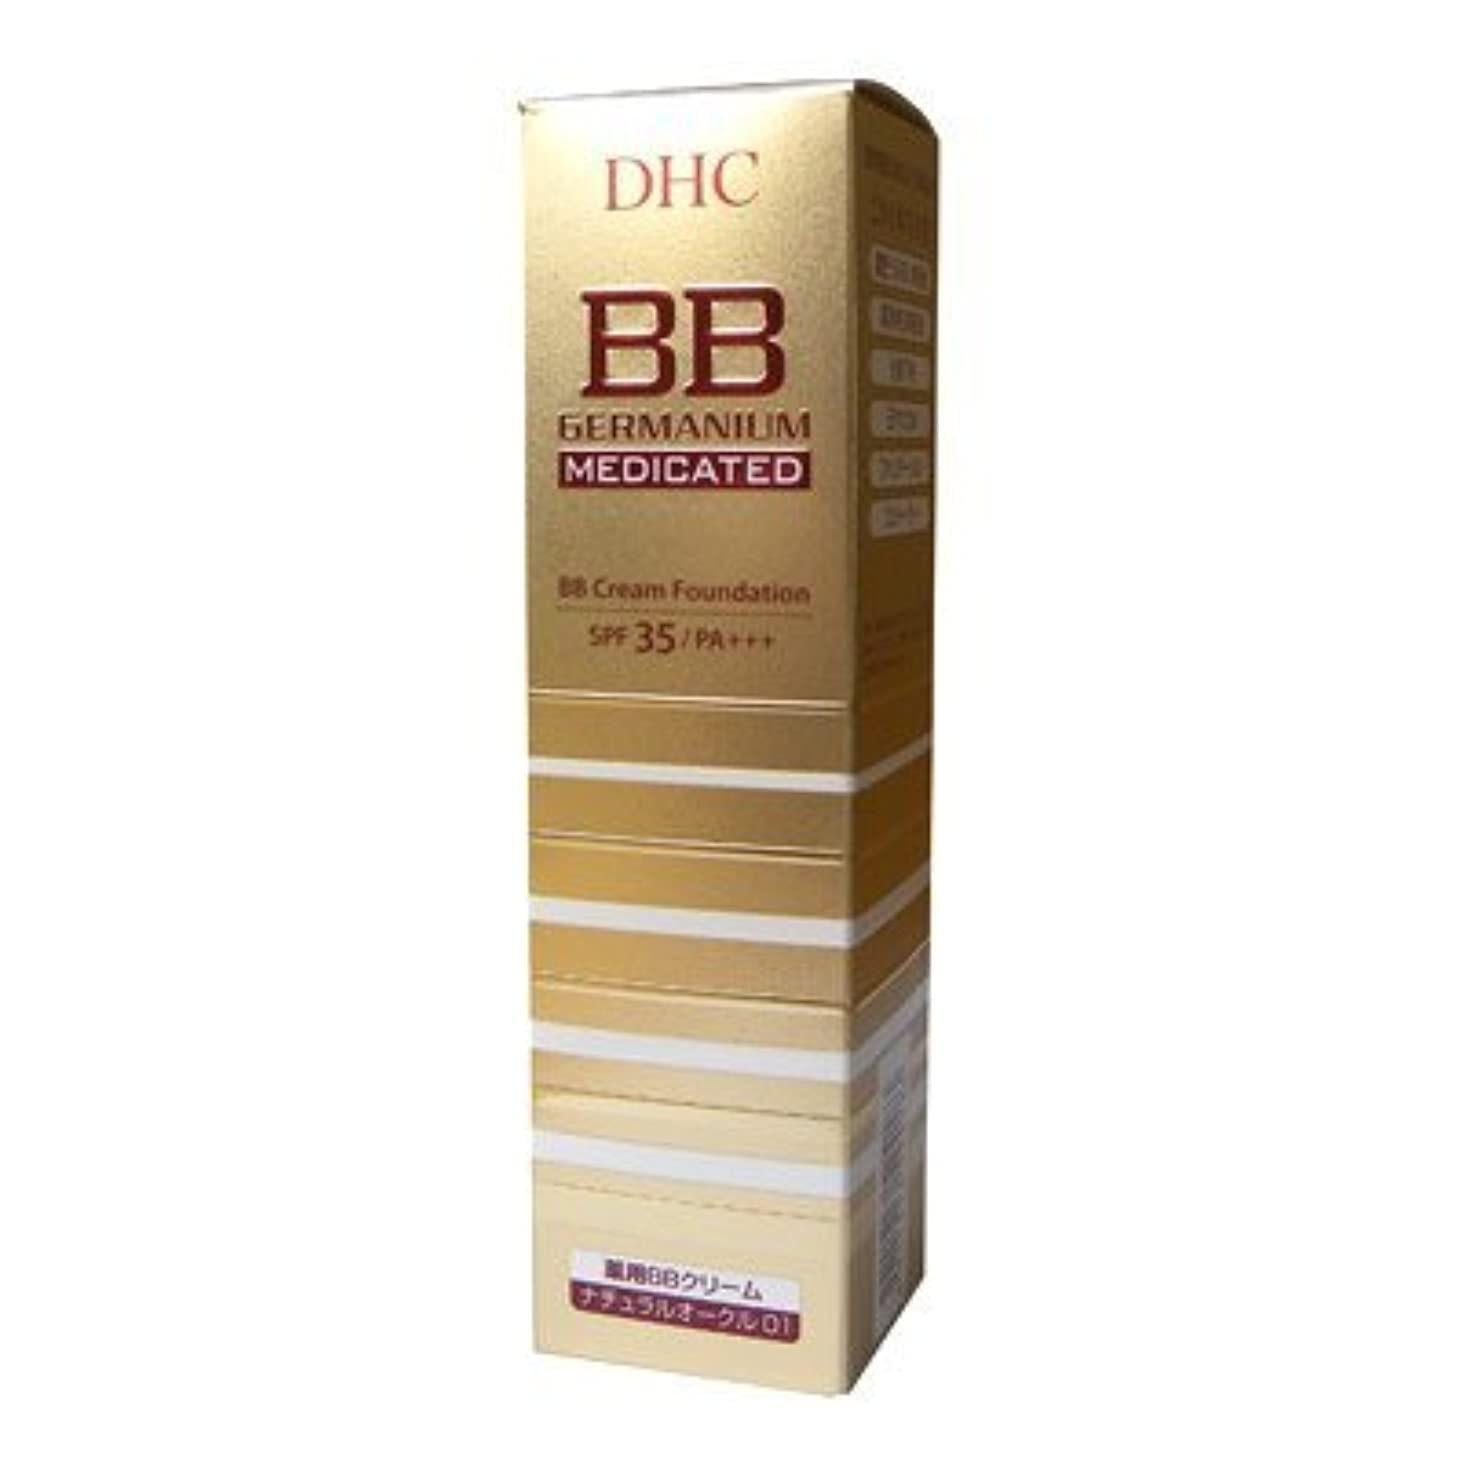 添加剤担保対処するDHC 薬用 BBクリーム GE 01ナチュラルオークル 40g 医薬部外品